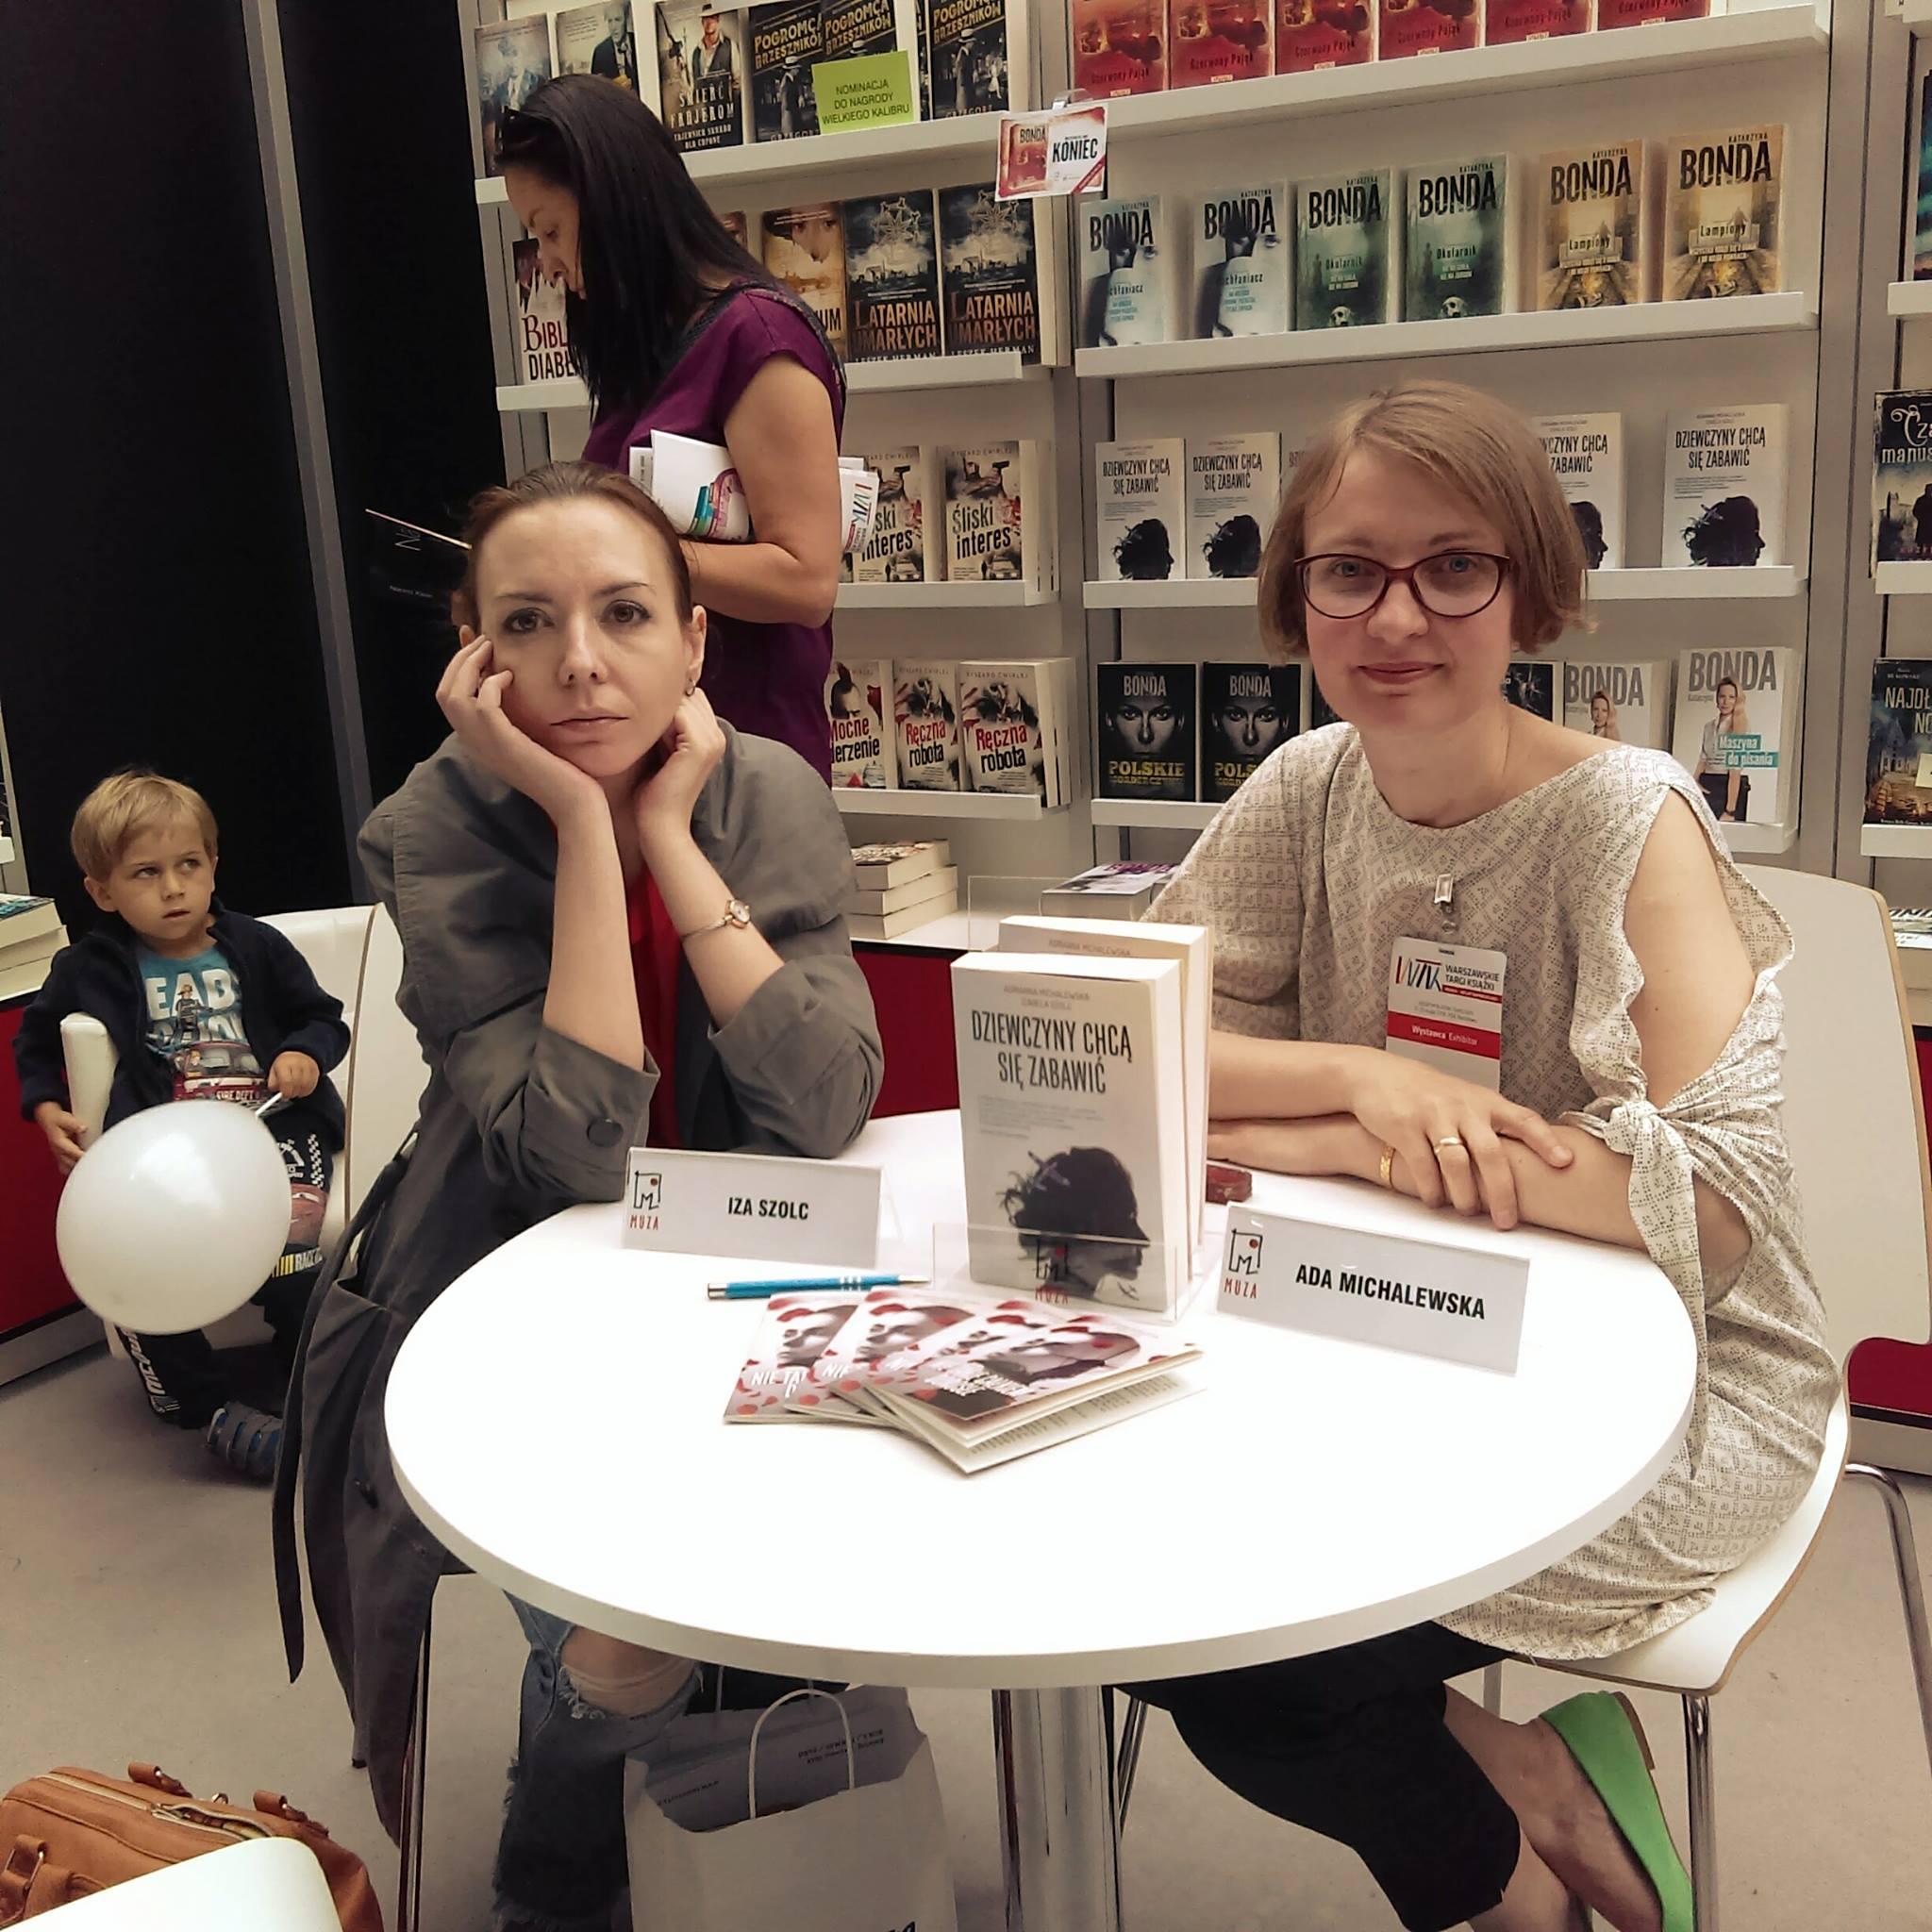 Publicystyka - Młodość jest zawsze taka sama. Wywiad z Adrianną Michalewską i Izabelą Szolc